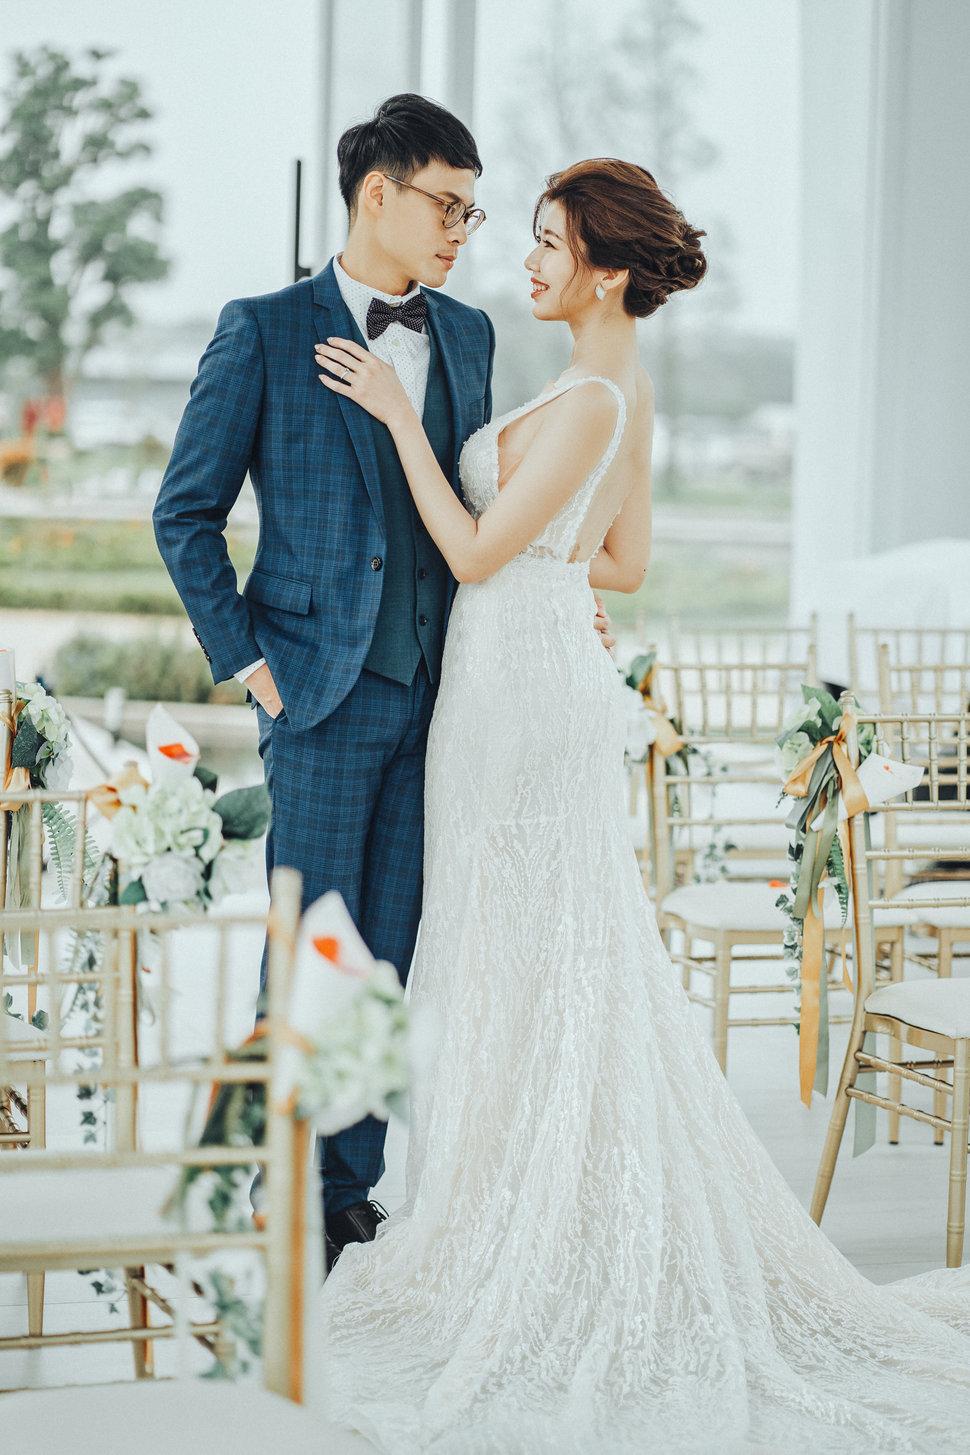 20200411-20200411-DSC00214-編輯 - QUAN  婚禮紀錄 / 影像工作室《結婚吧》